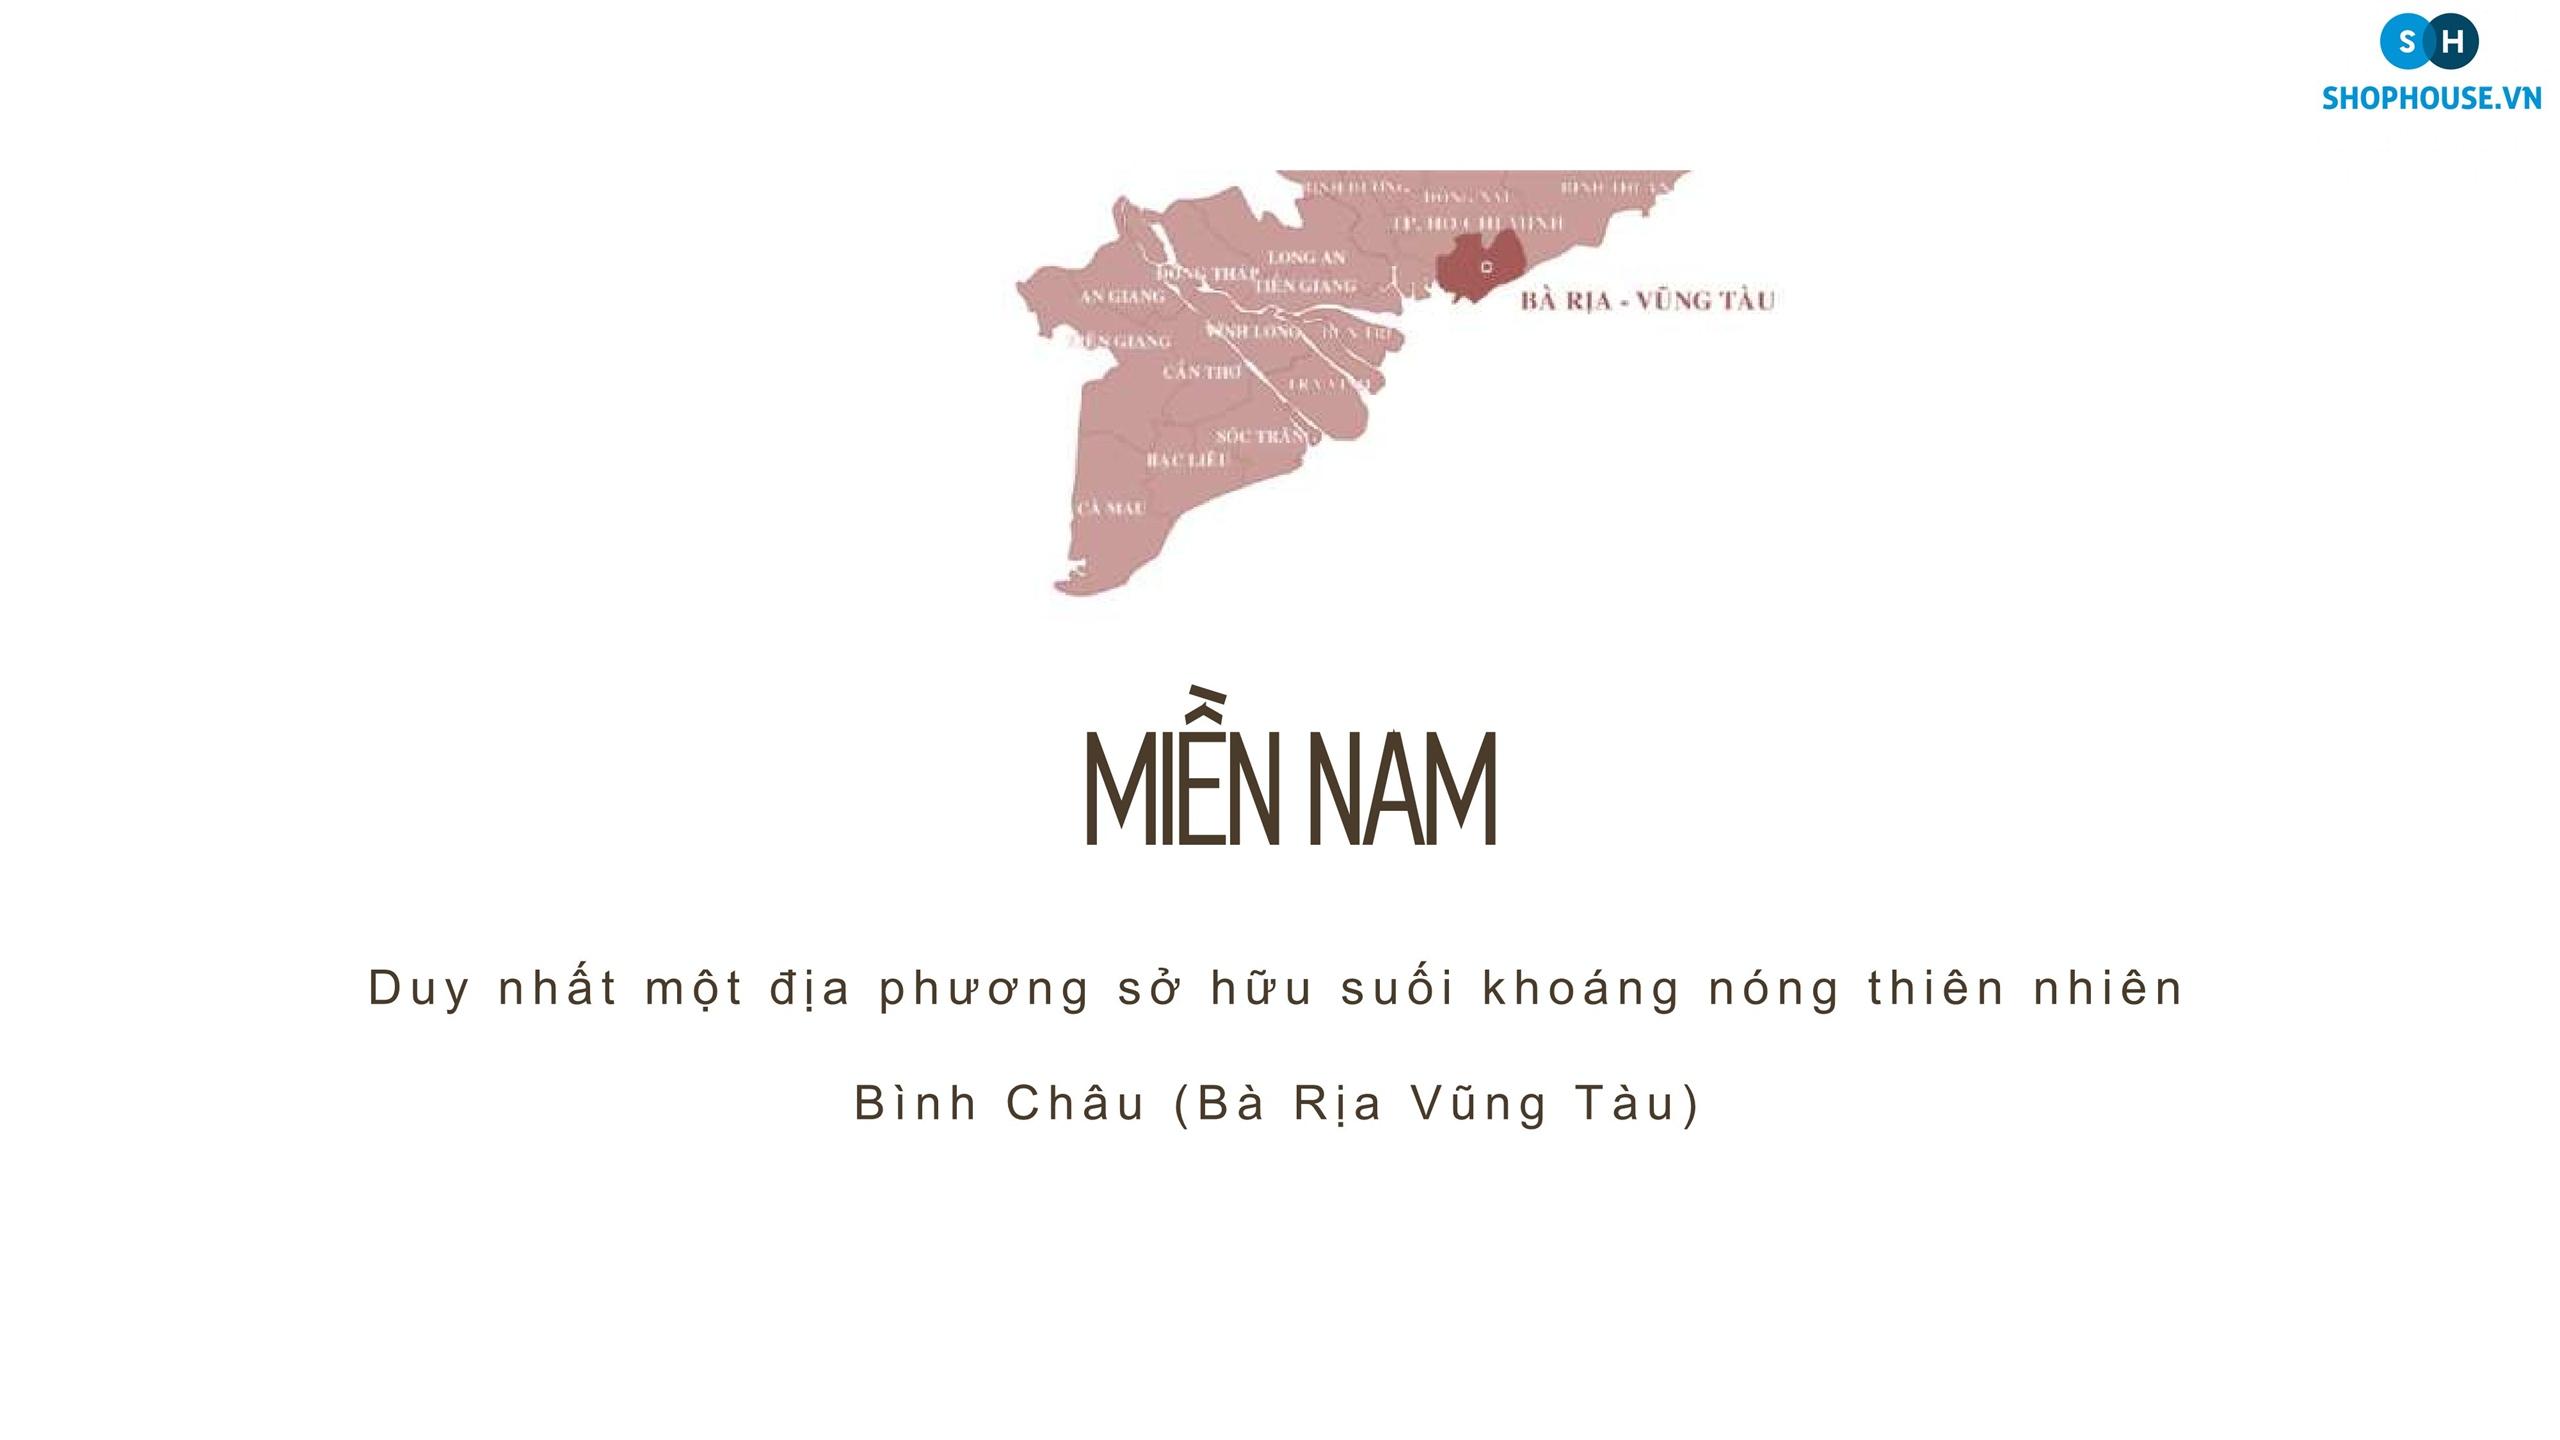 thong-ke-suoi-khoang-nong-o-VN-1